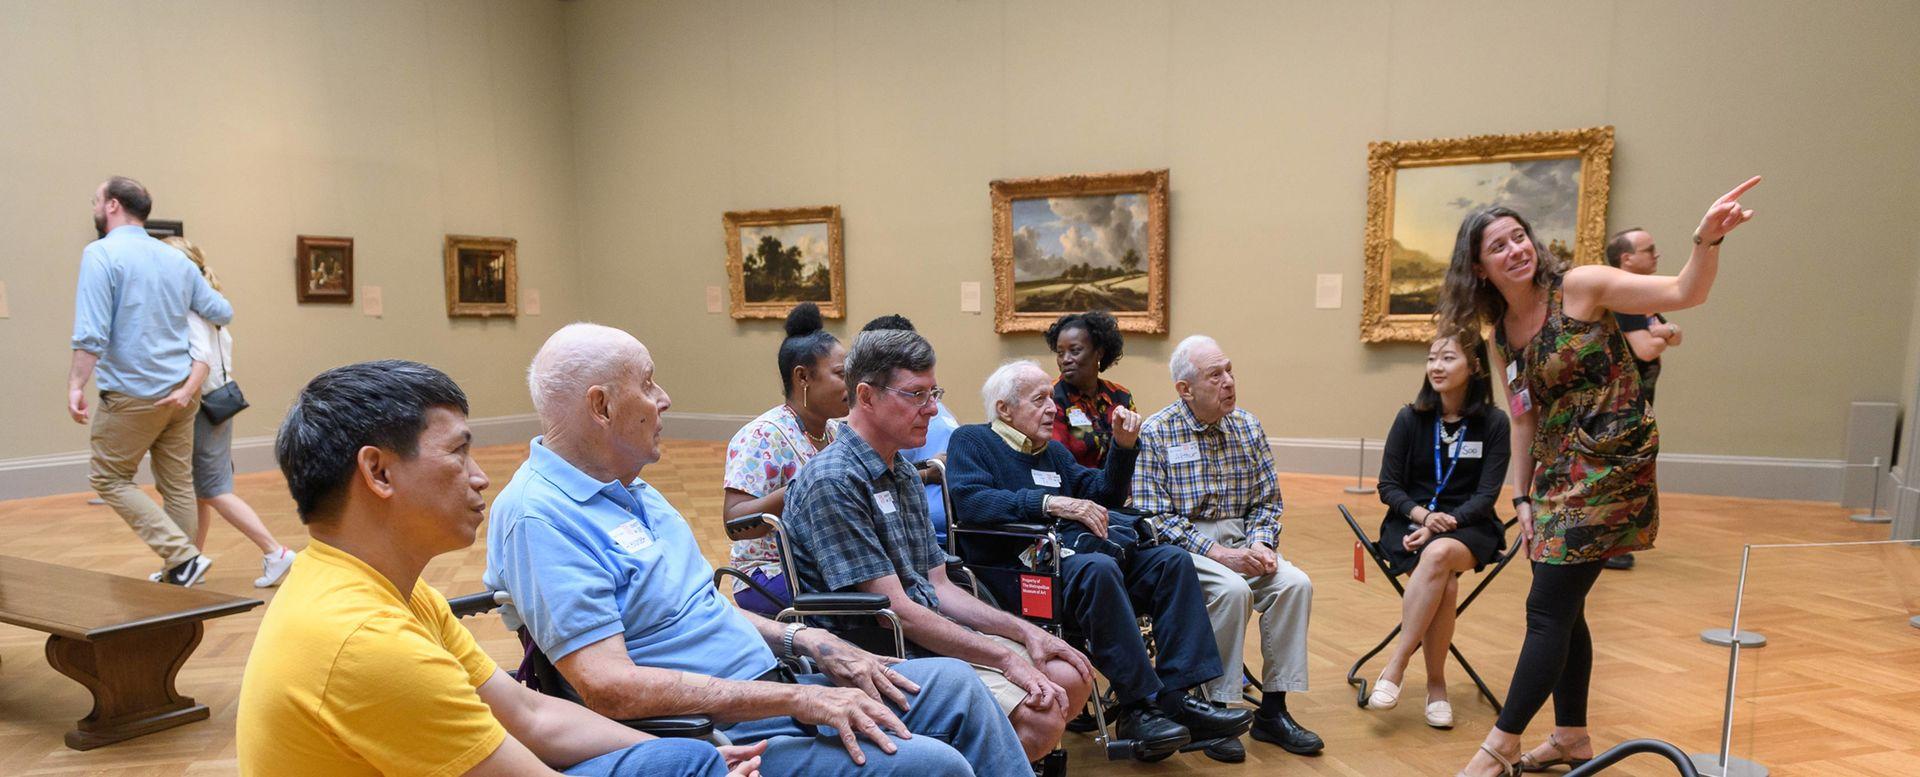 People sitting in a gallery listening to a women speak.